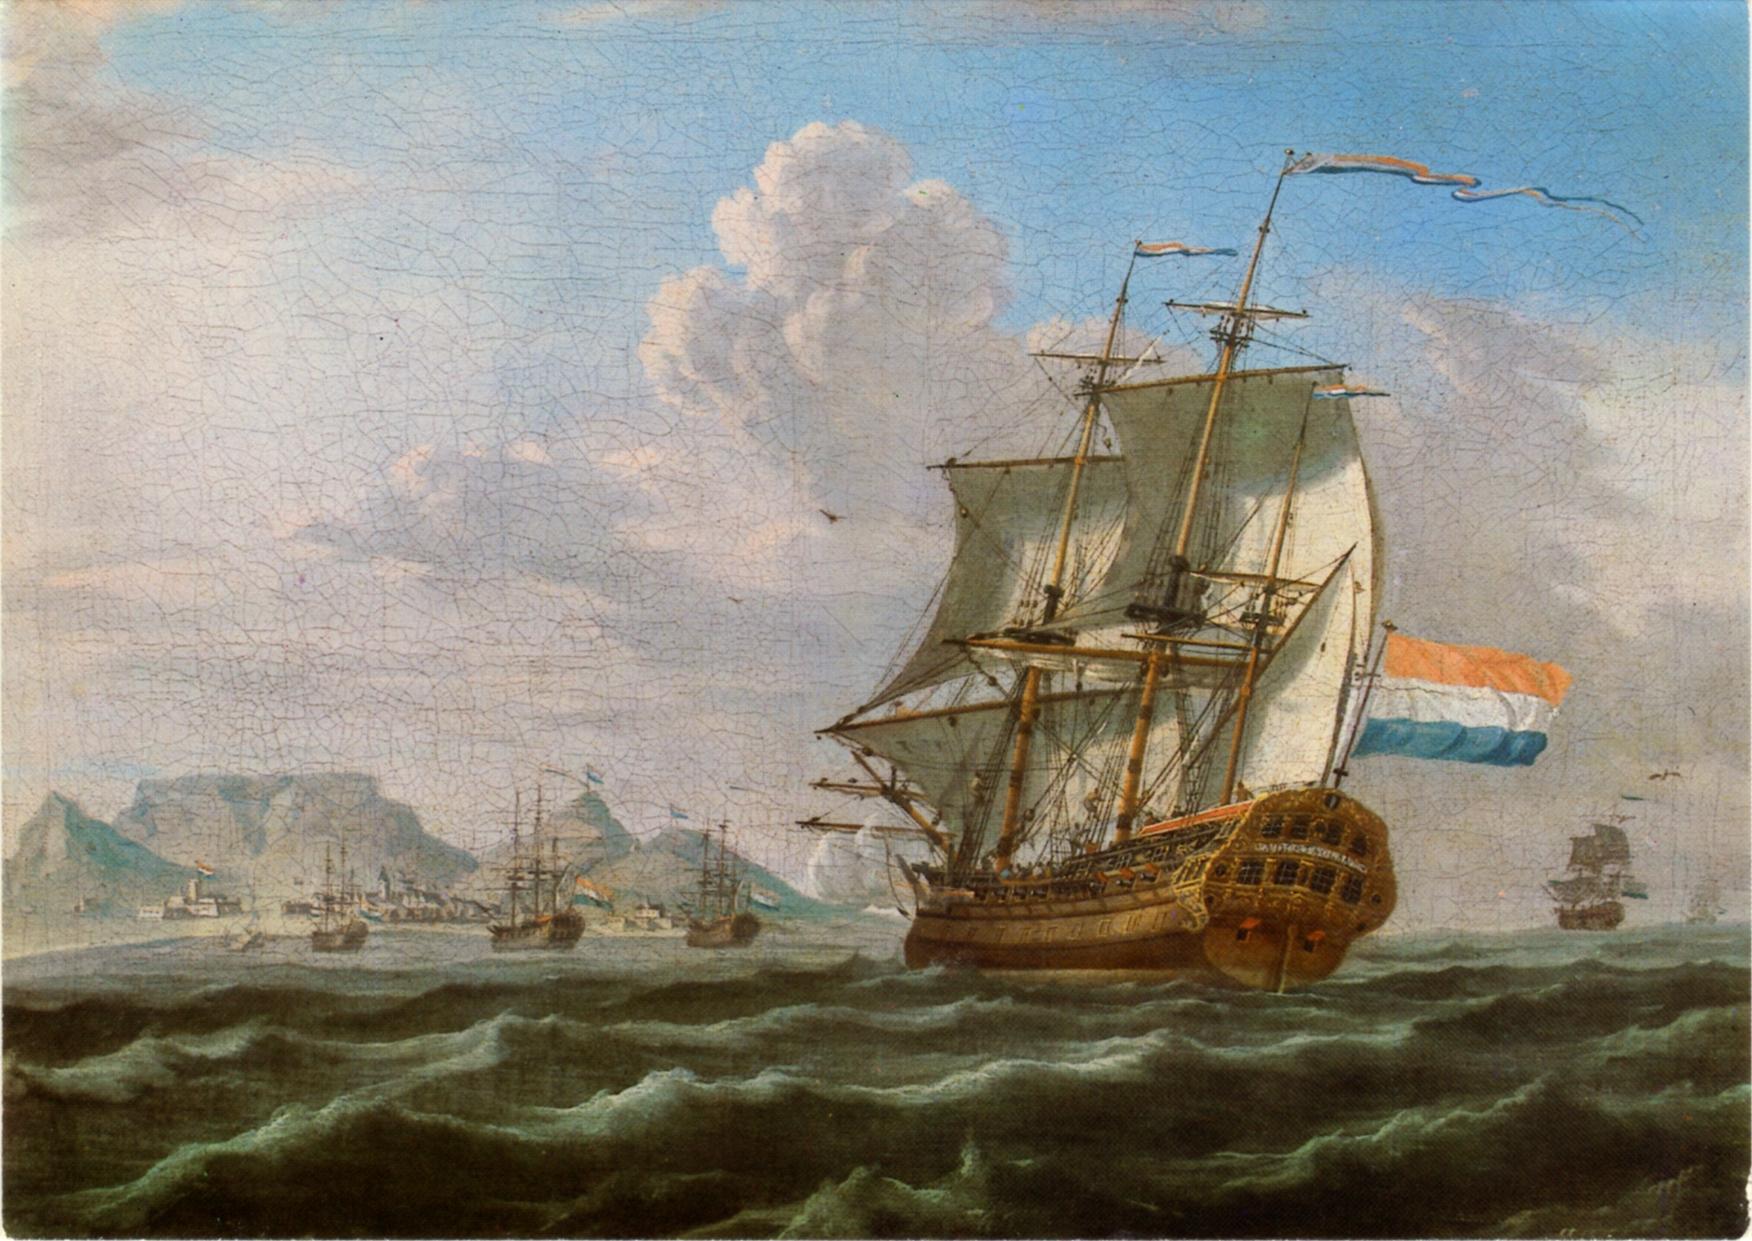 Compagnia delle Indie Orientali Olandese